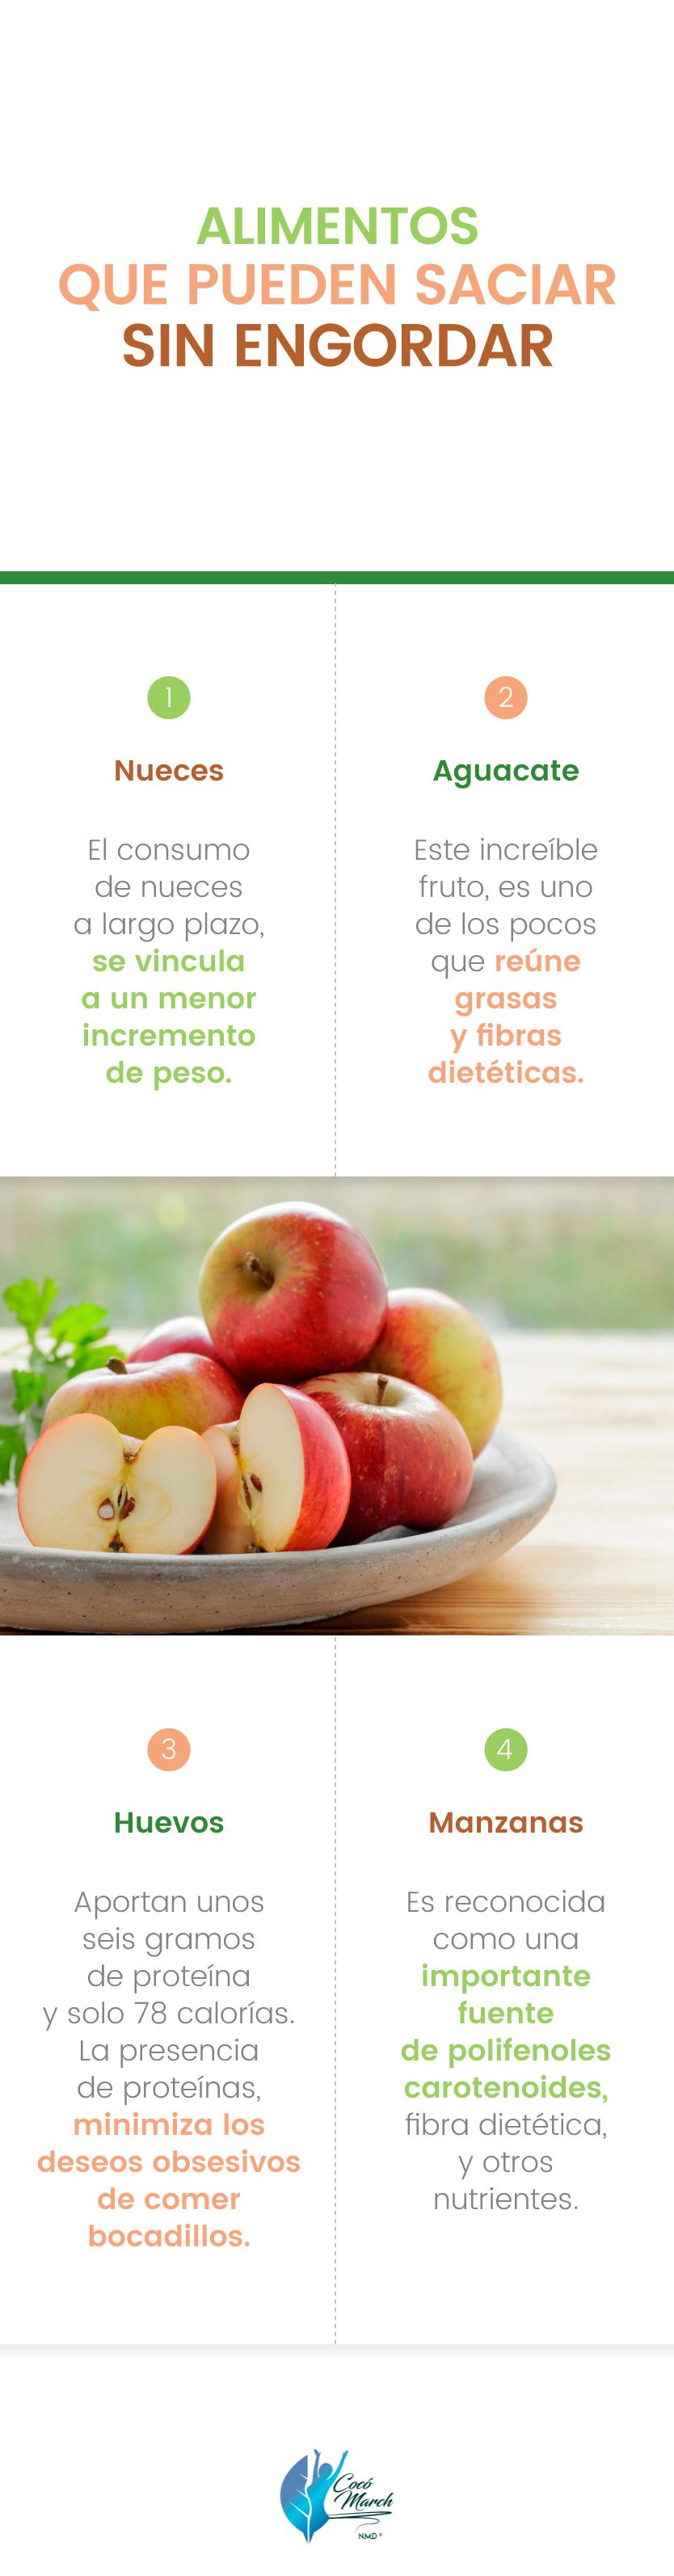 alimentos-que-pueden-engordar